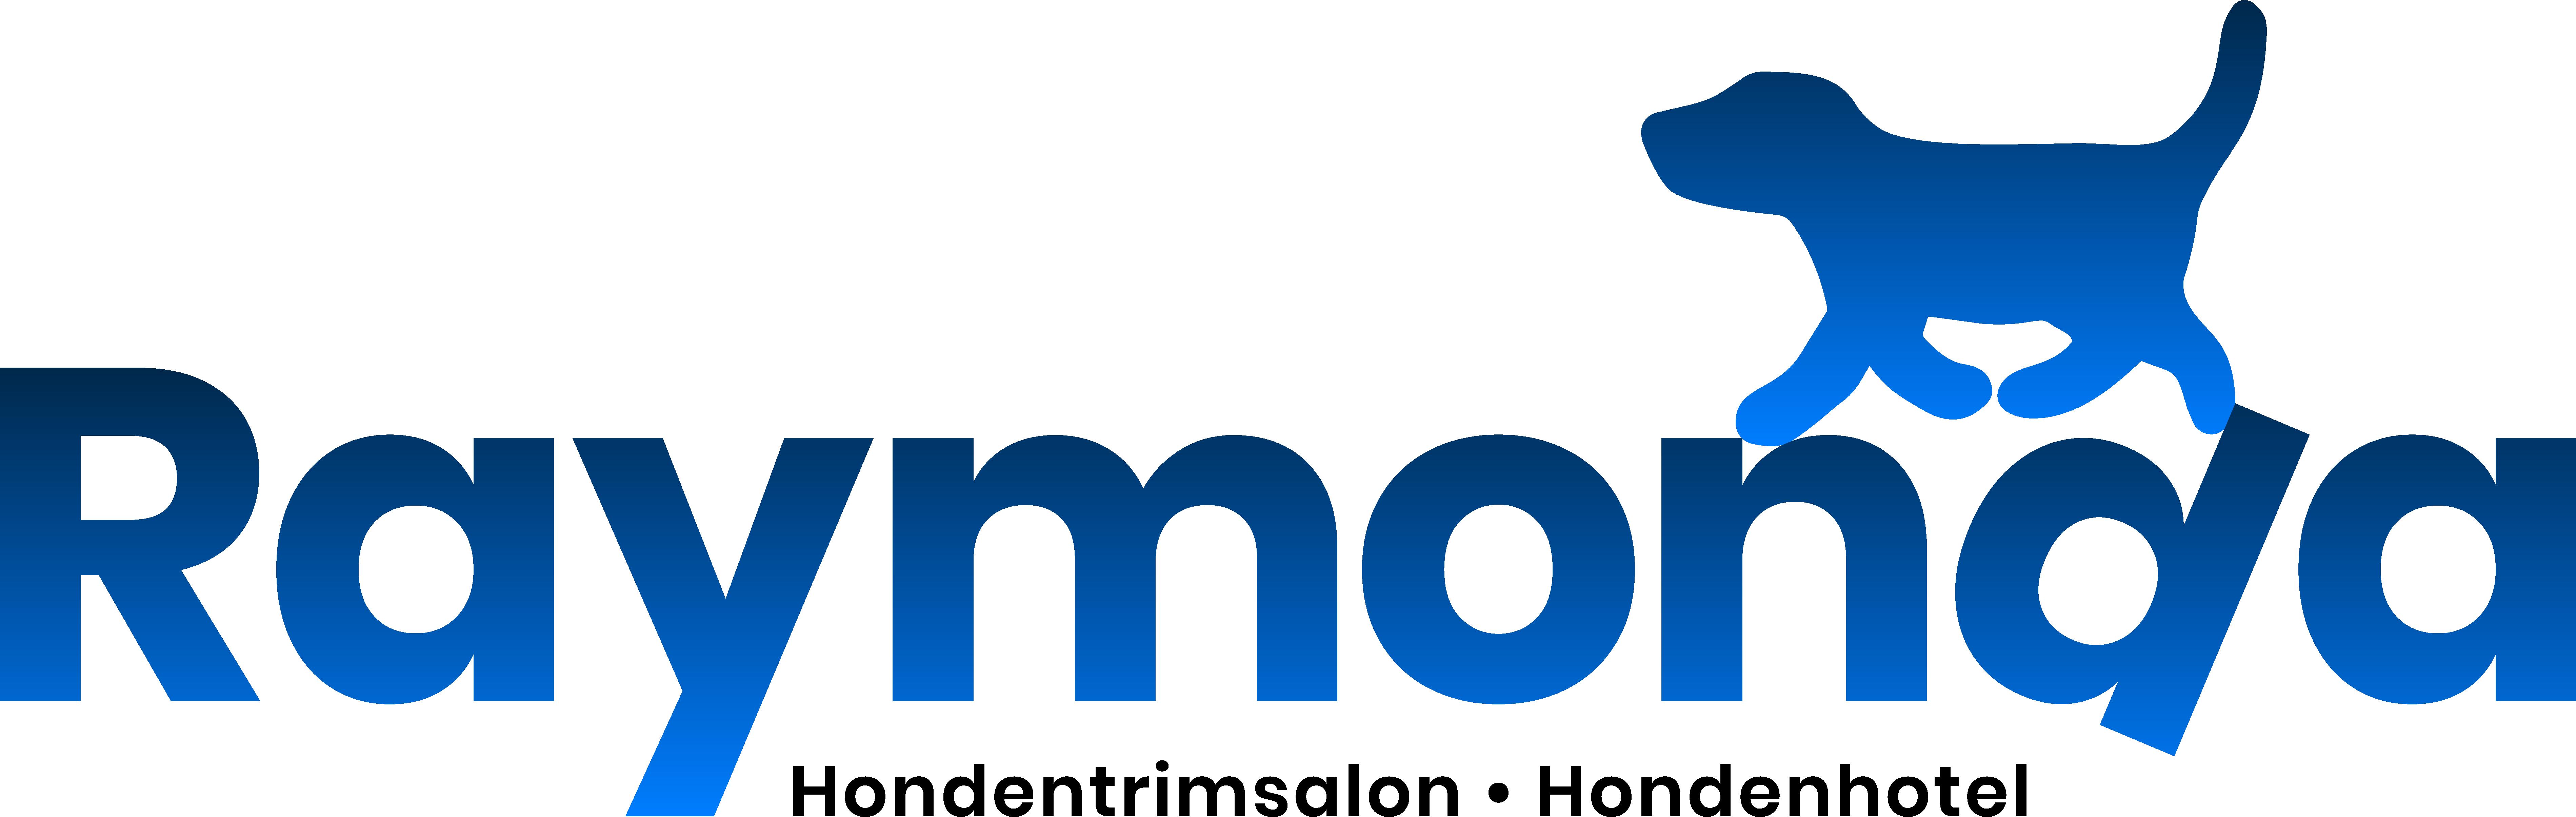 Hondentrimsalon Raymonda